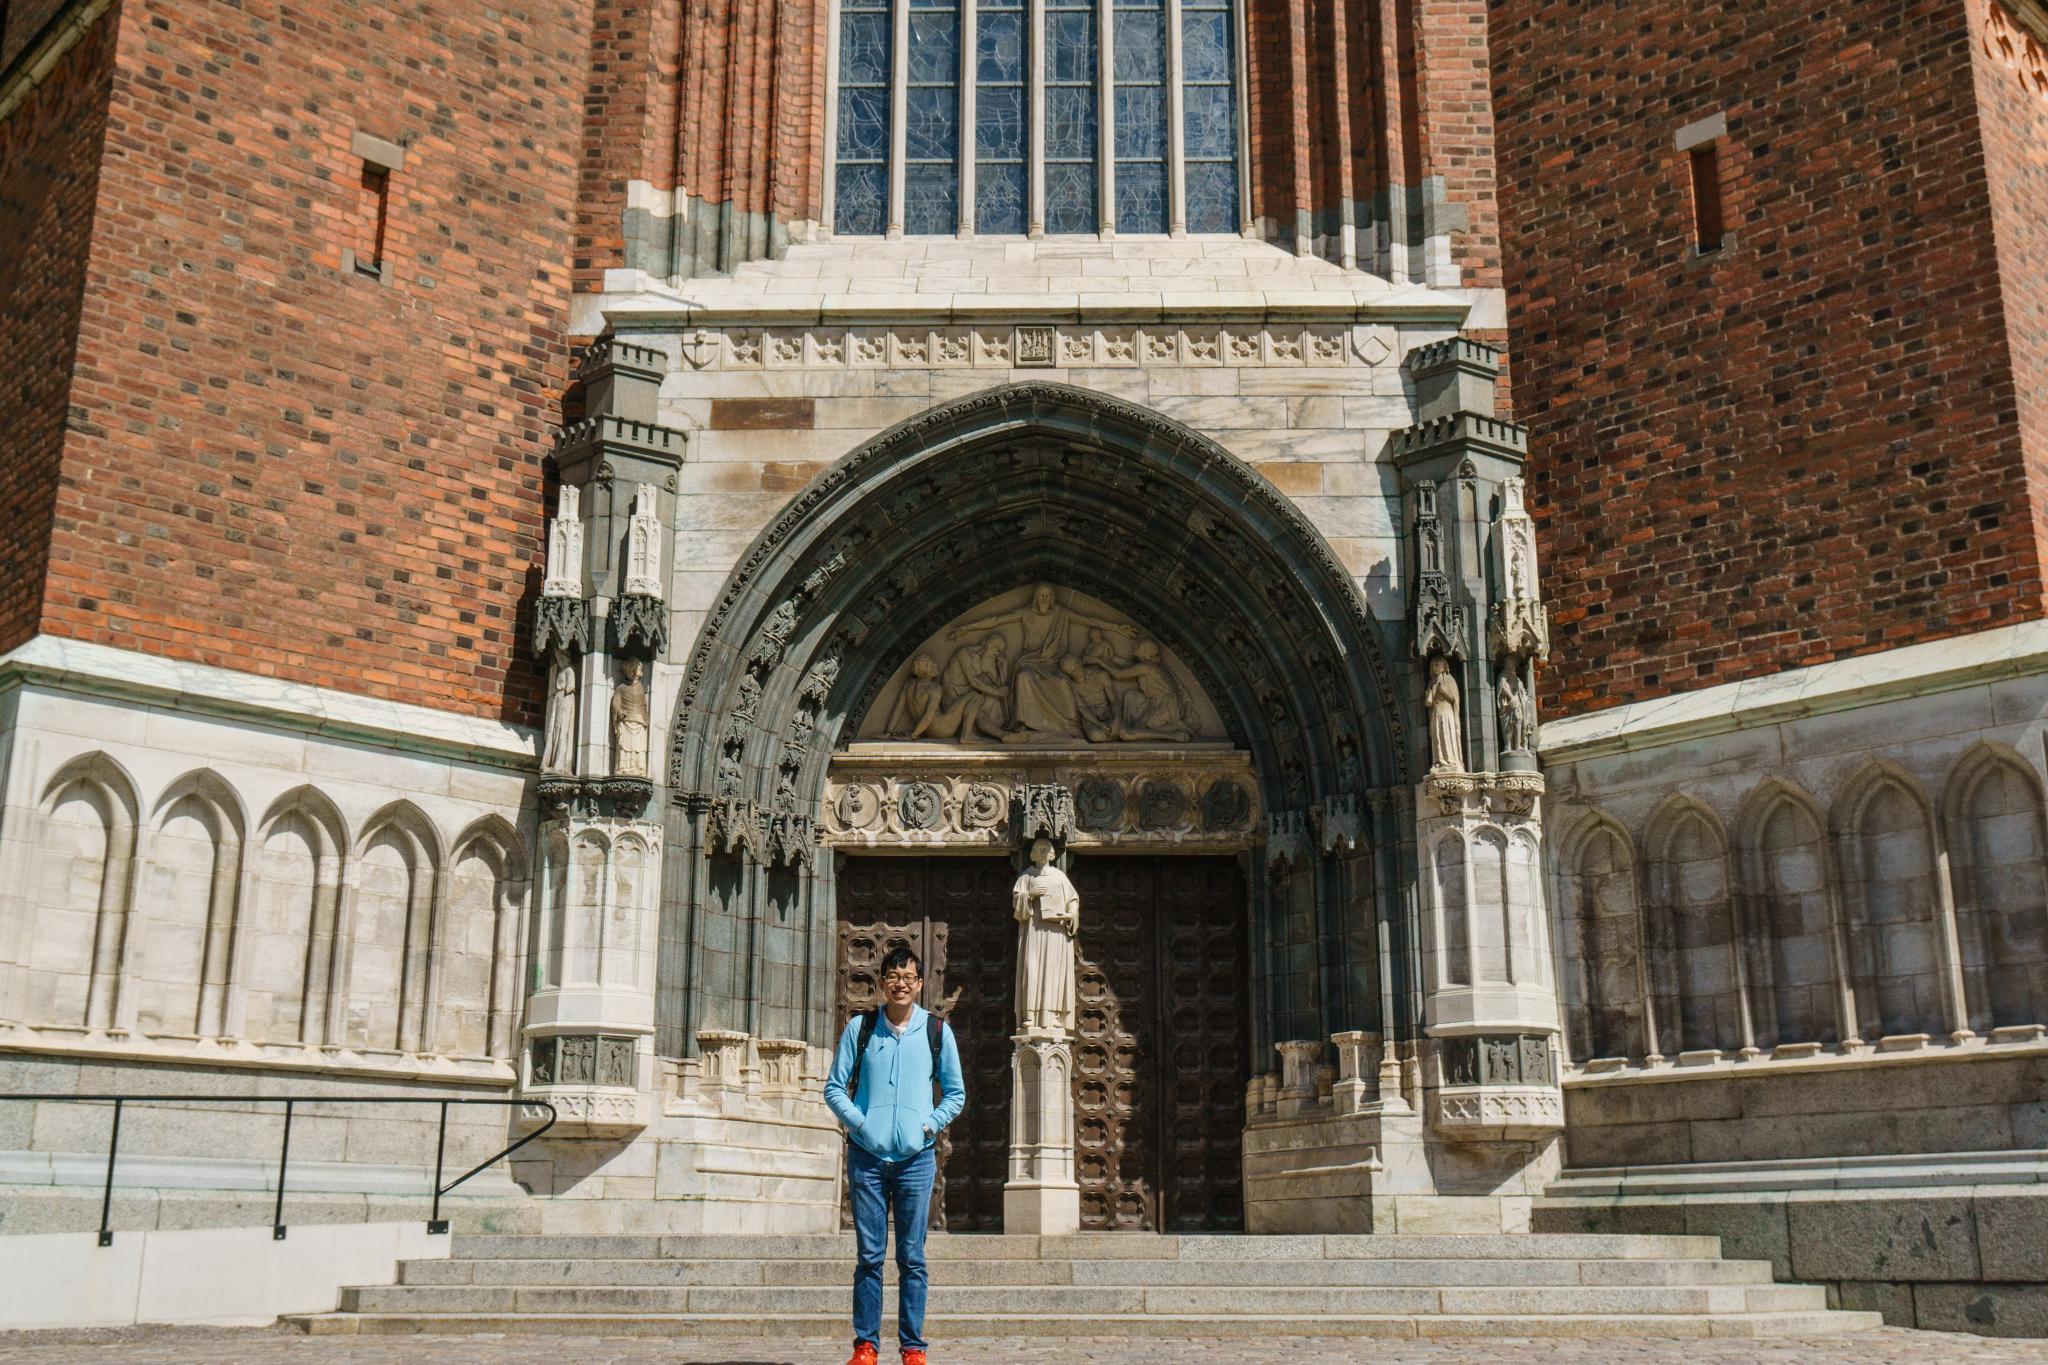 【北歐景點】瑞典的歷史縮影 — 老城烏普薩拉(Uppsala)的人文風景 29